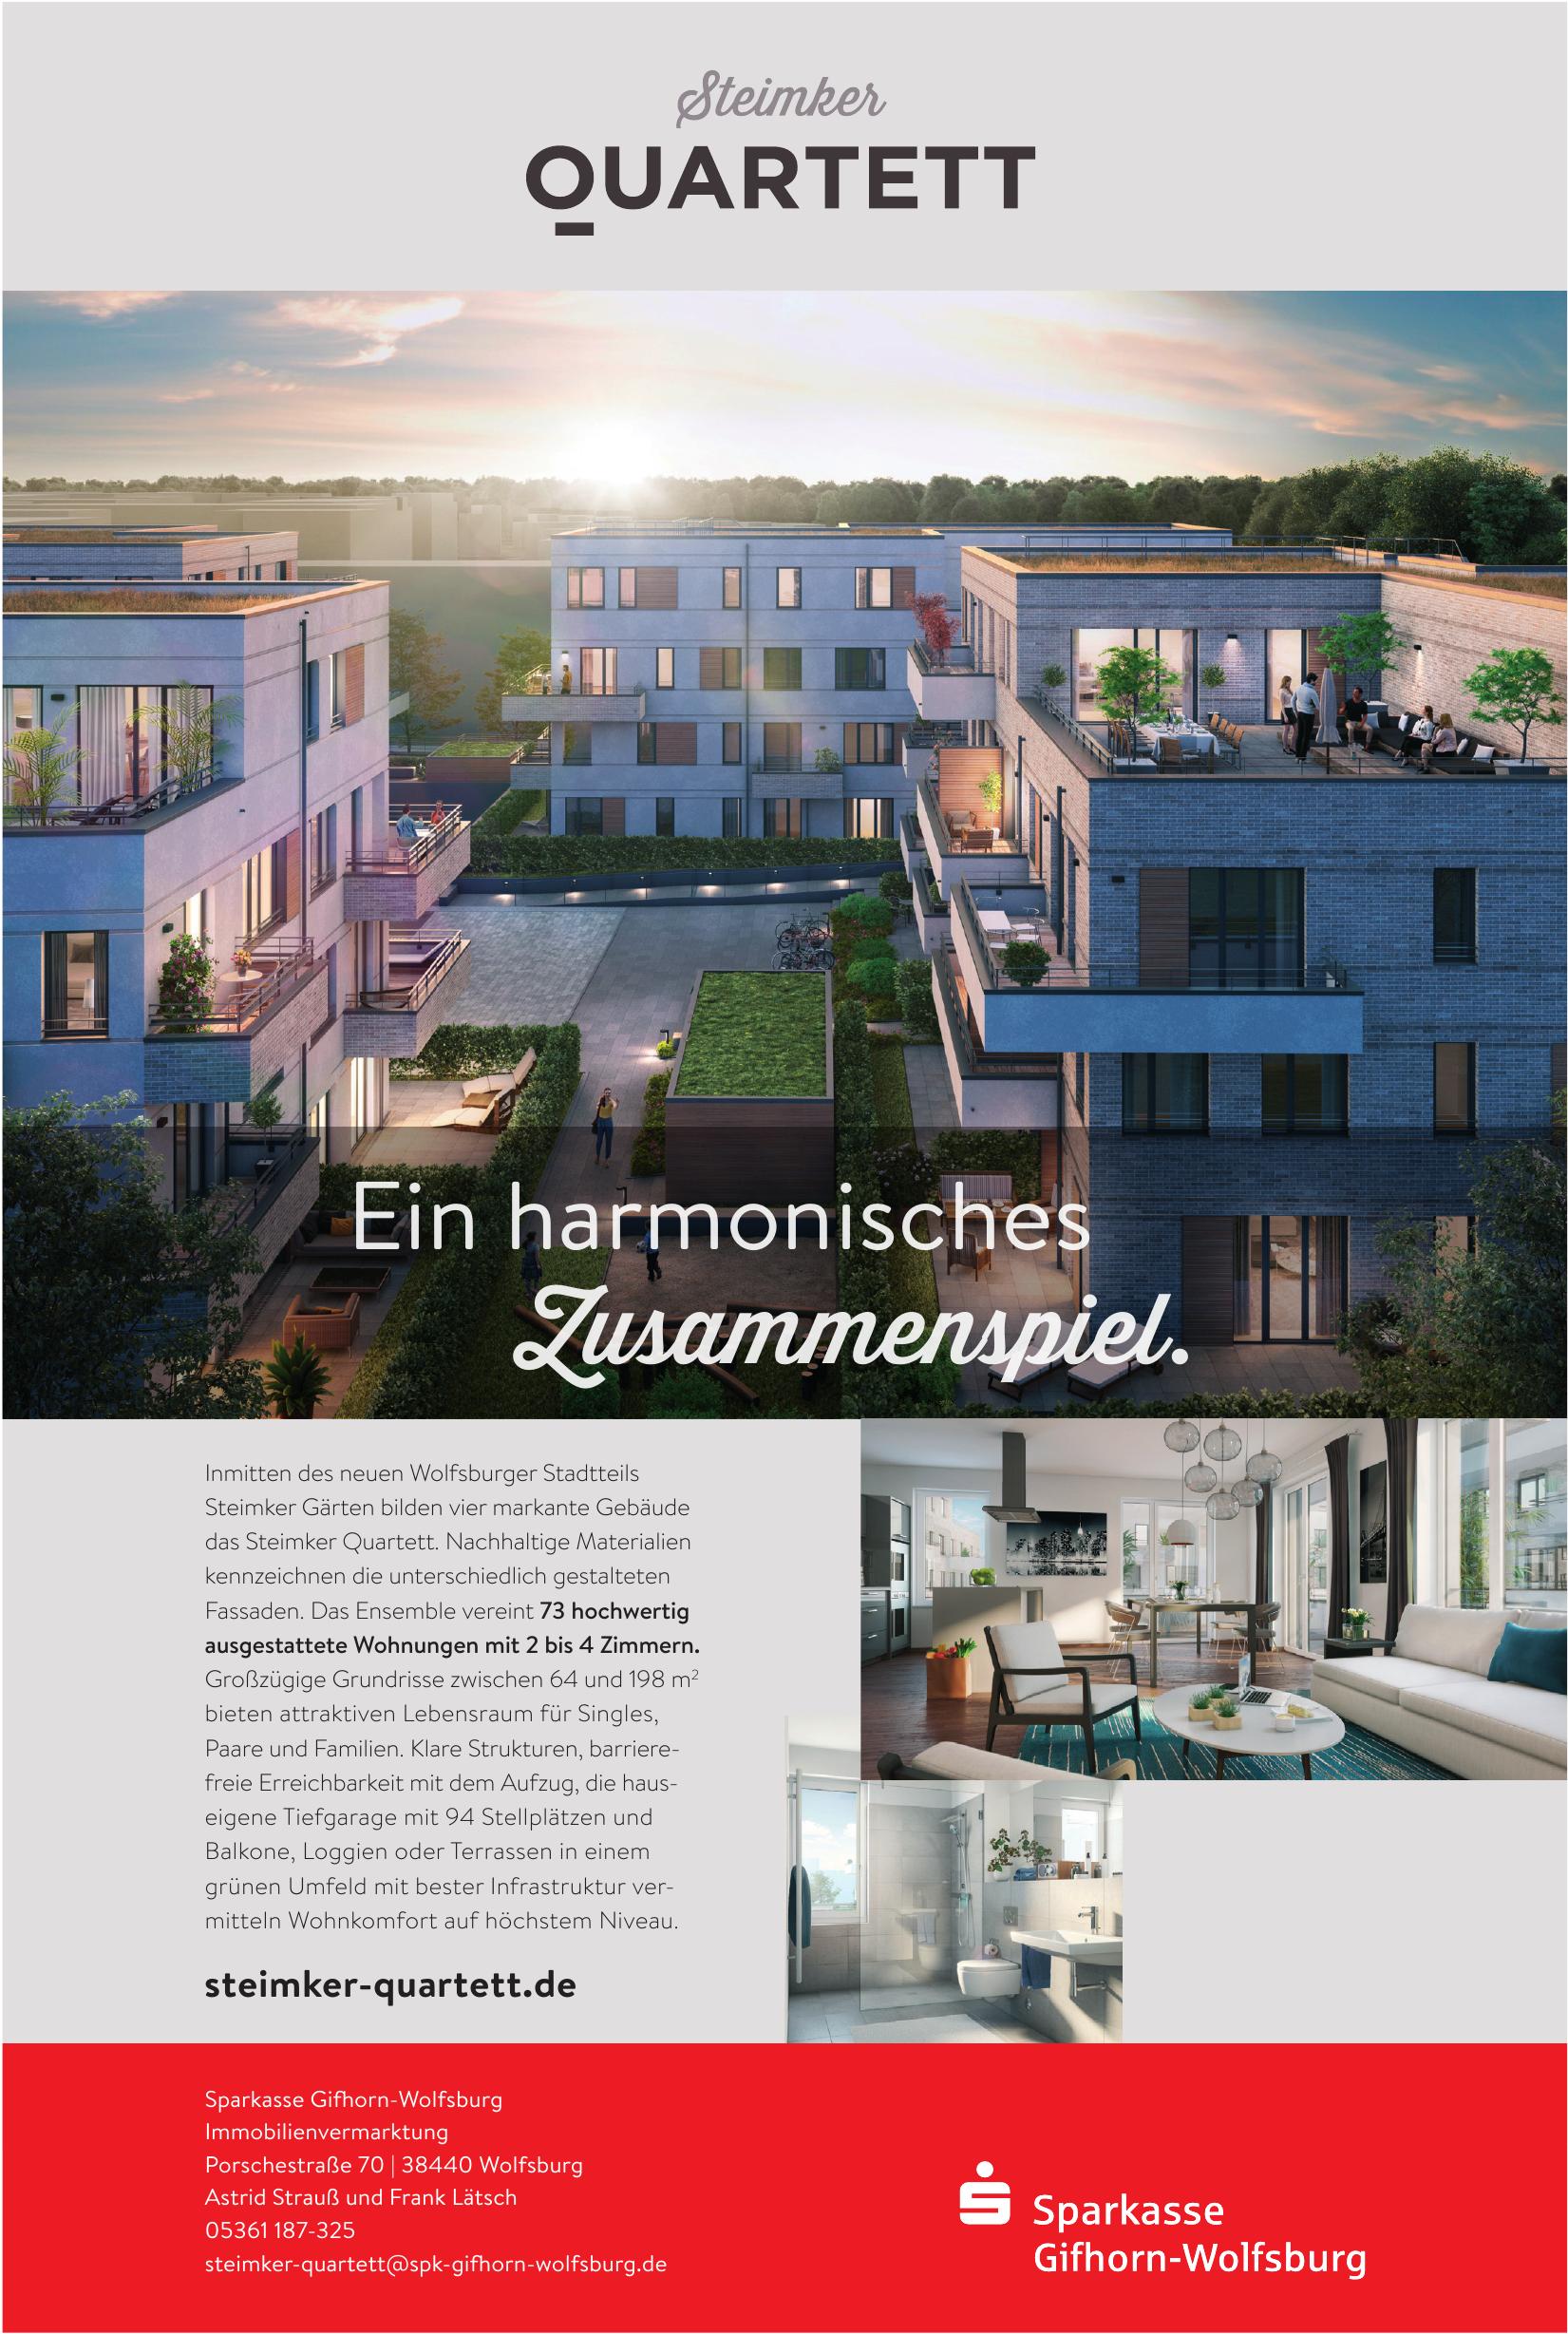 Sparkasse Gifhorn-Wolfsburg - Immobilienvermarktung